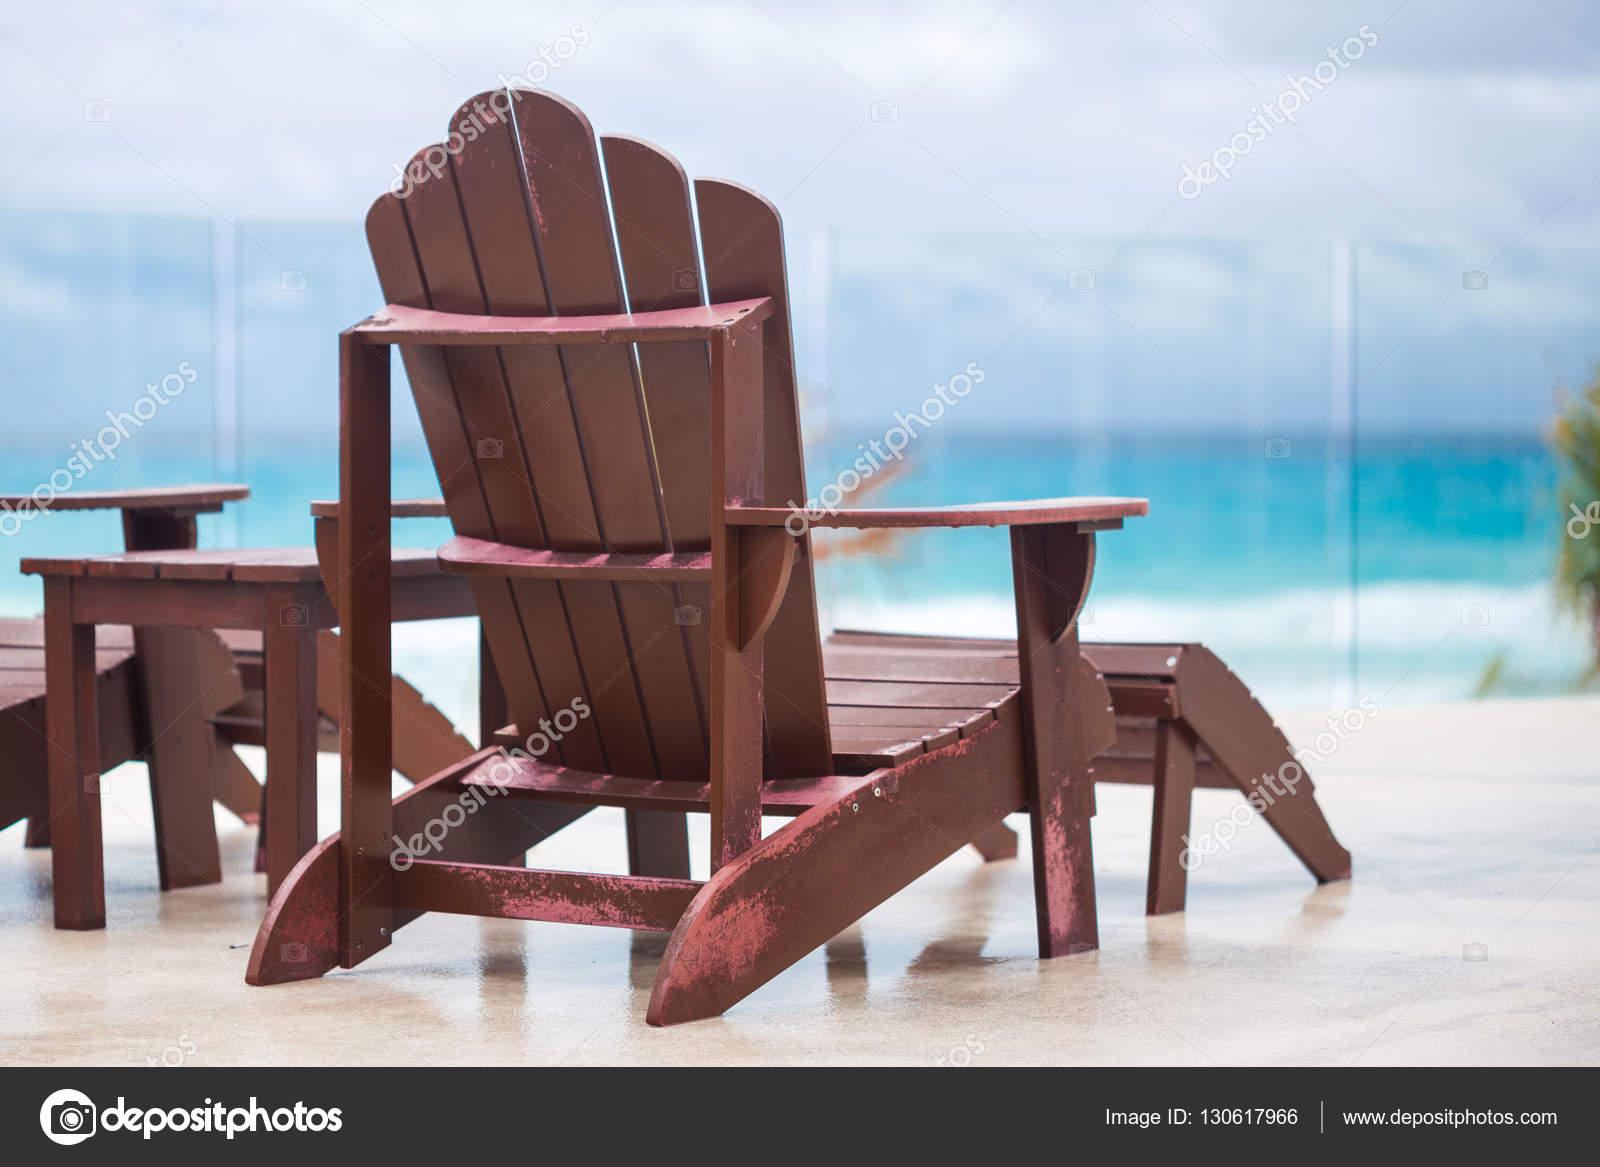 Sedia A Sdraio In Legno : Sedia a sdraio in legno in resort di lusso vicino a caraibi u2014 foto